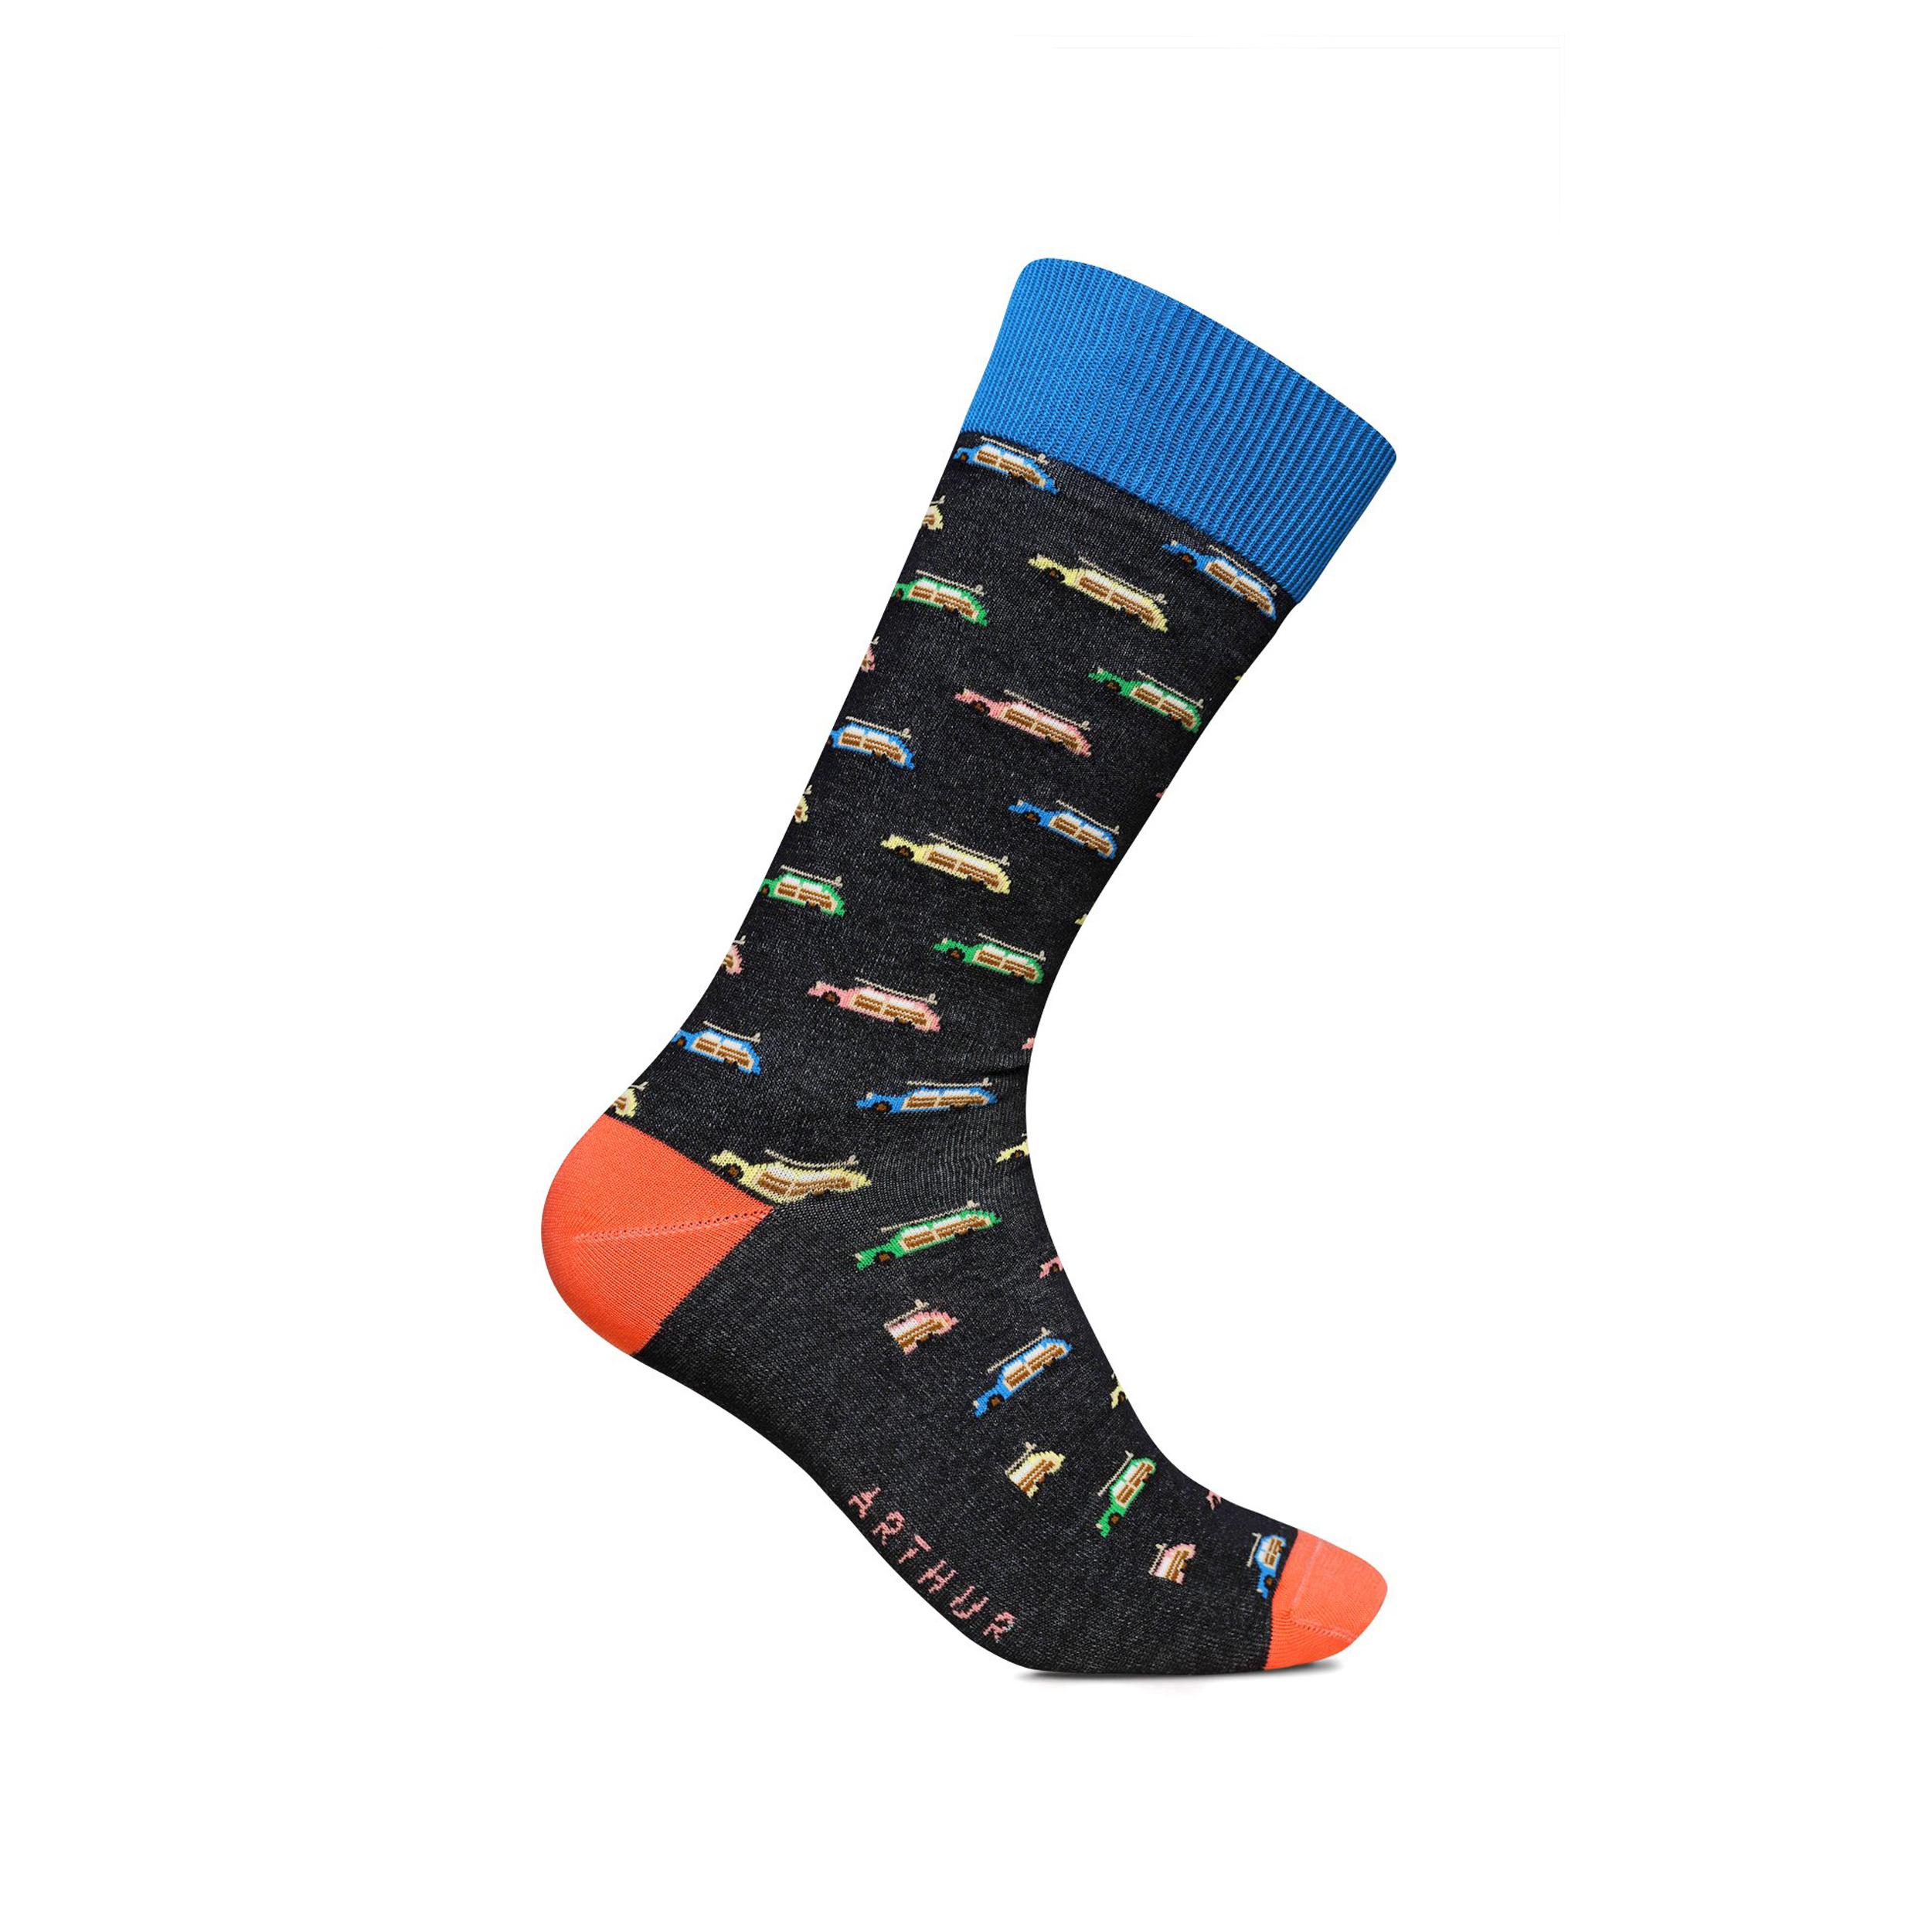 Chaussettes hautes  vane en coton mélangé noir imprimé vans multicolores